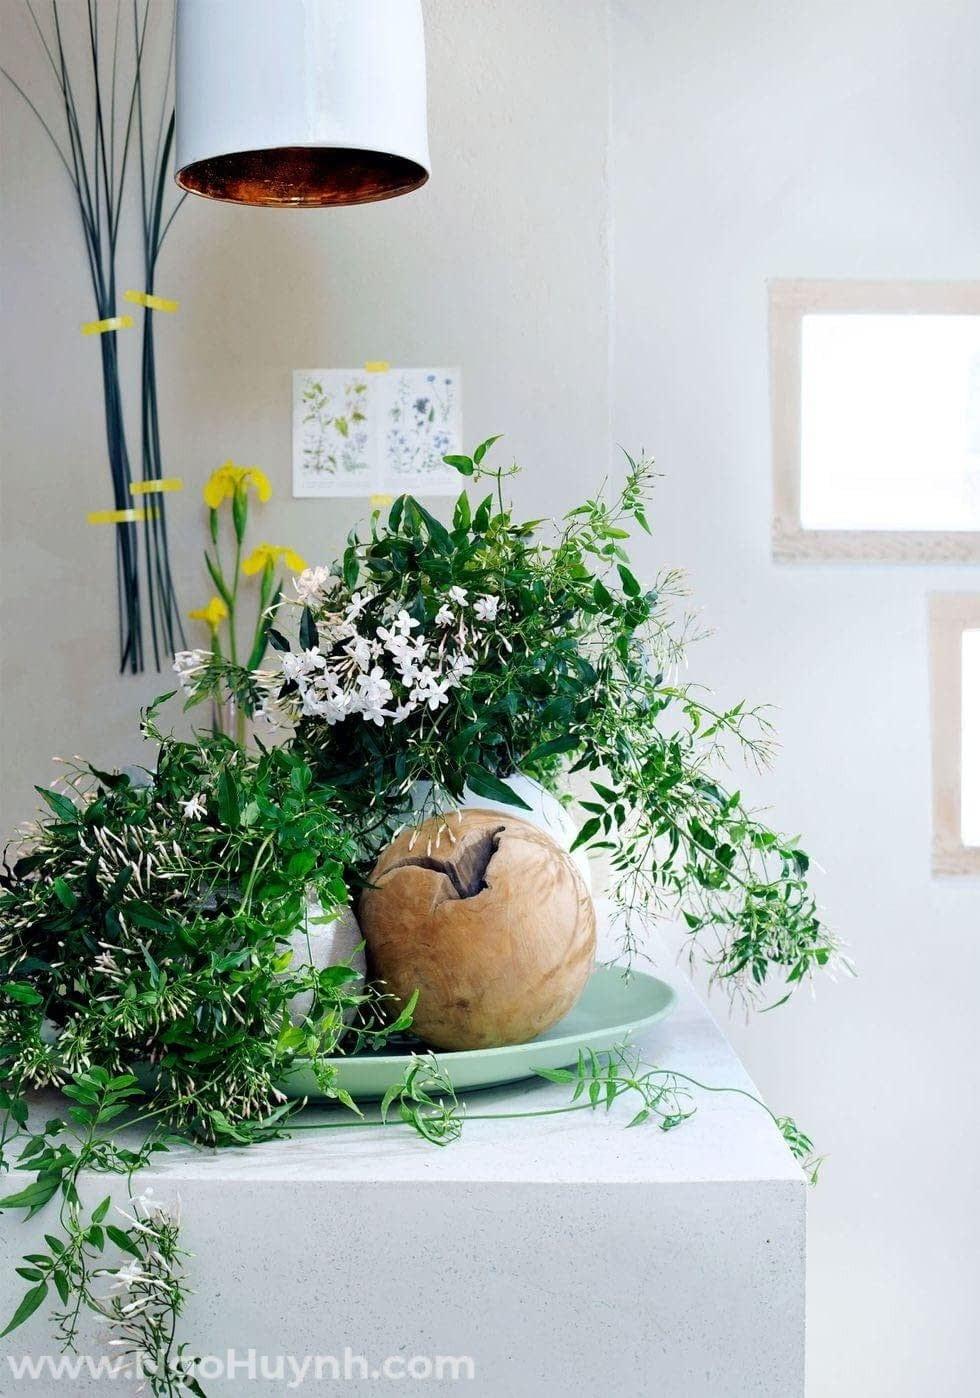 Các loại cây cảnh đặt trong phòng ngủ giúp giấc ngủ thoải mái hơn mỗi đêm